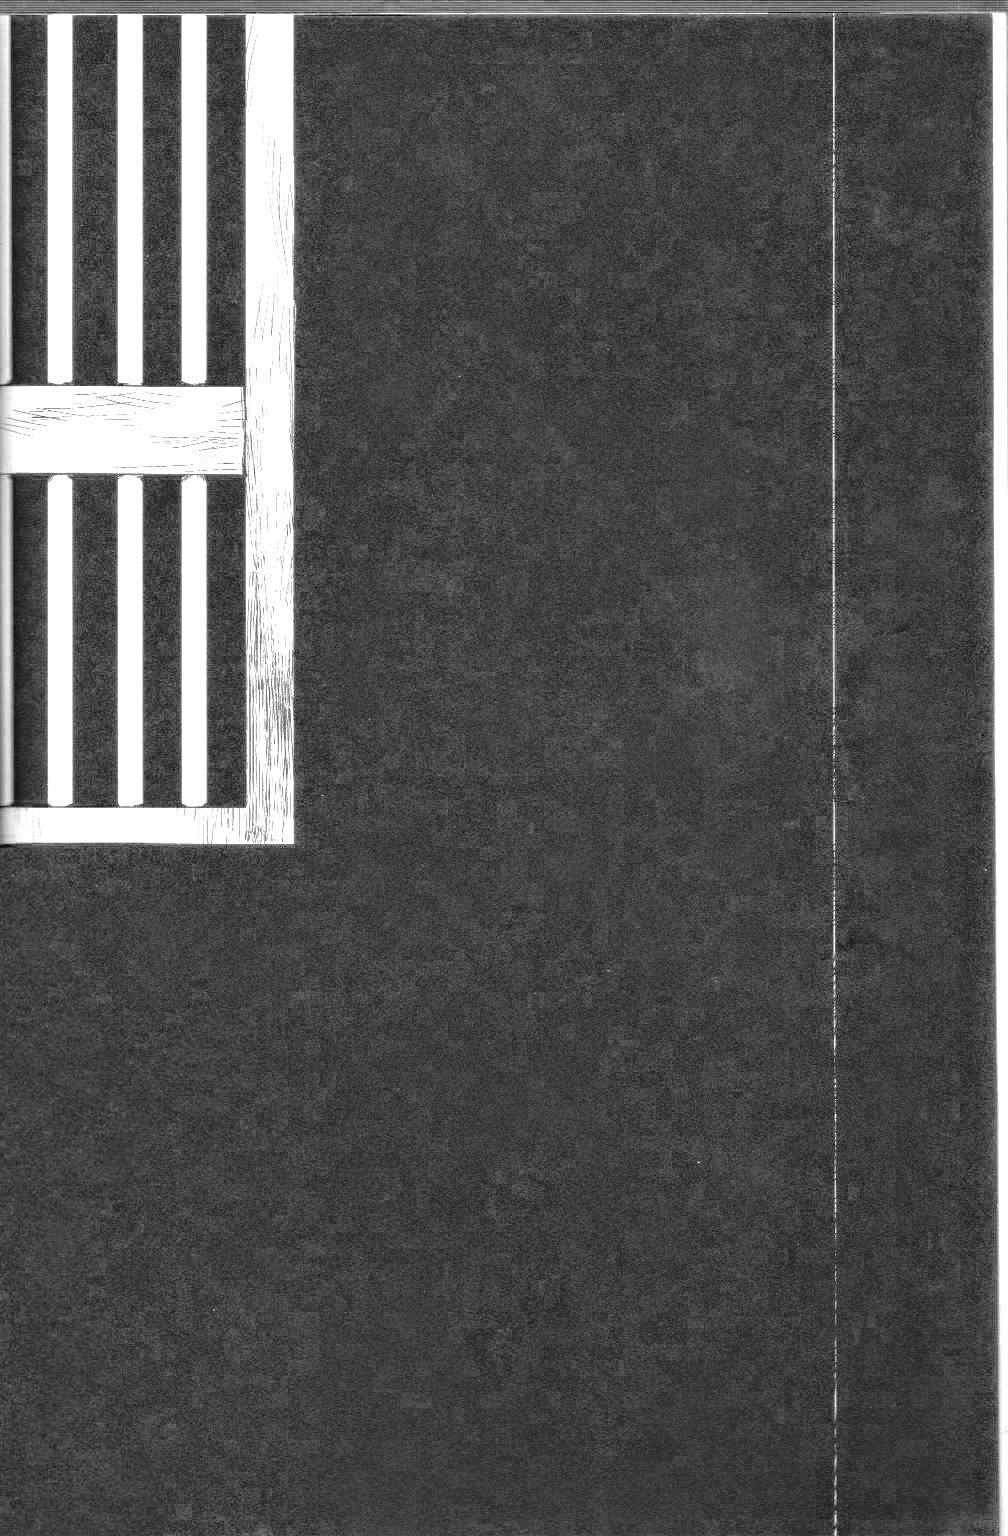 Mienai Kusari | Invisible Chain 1